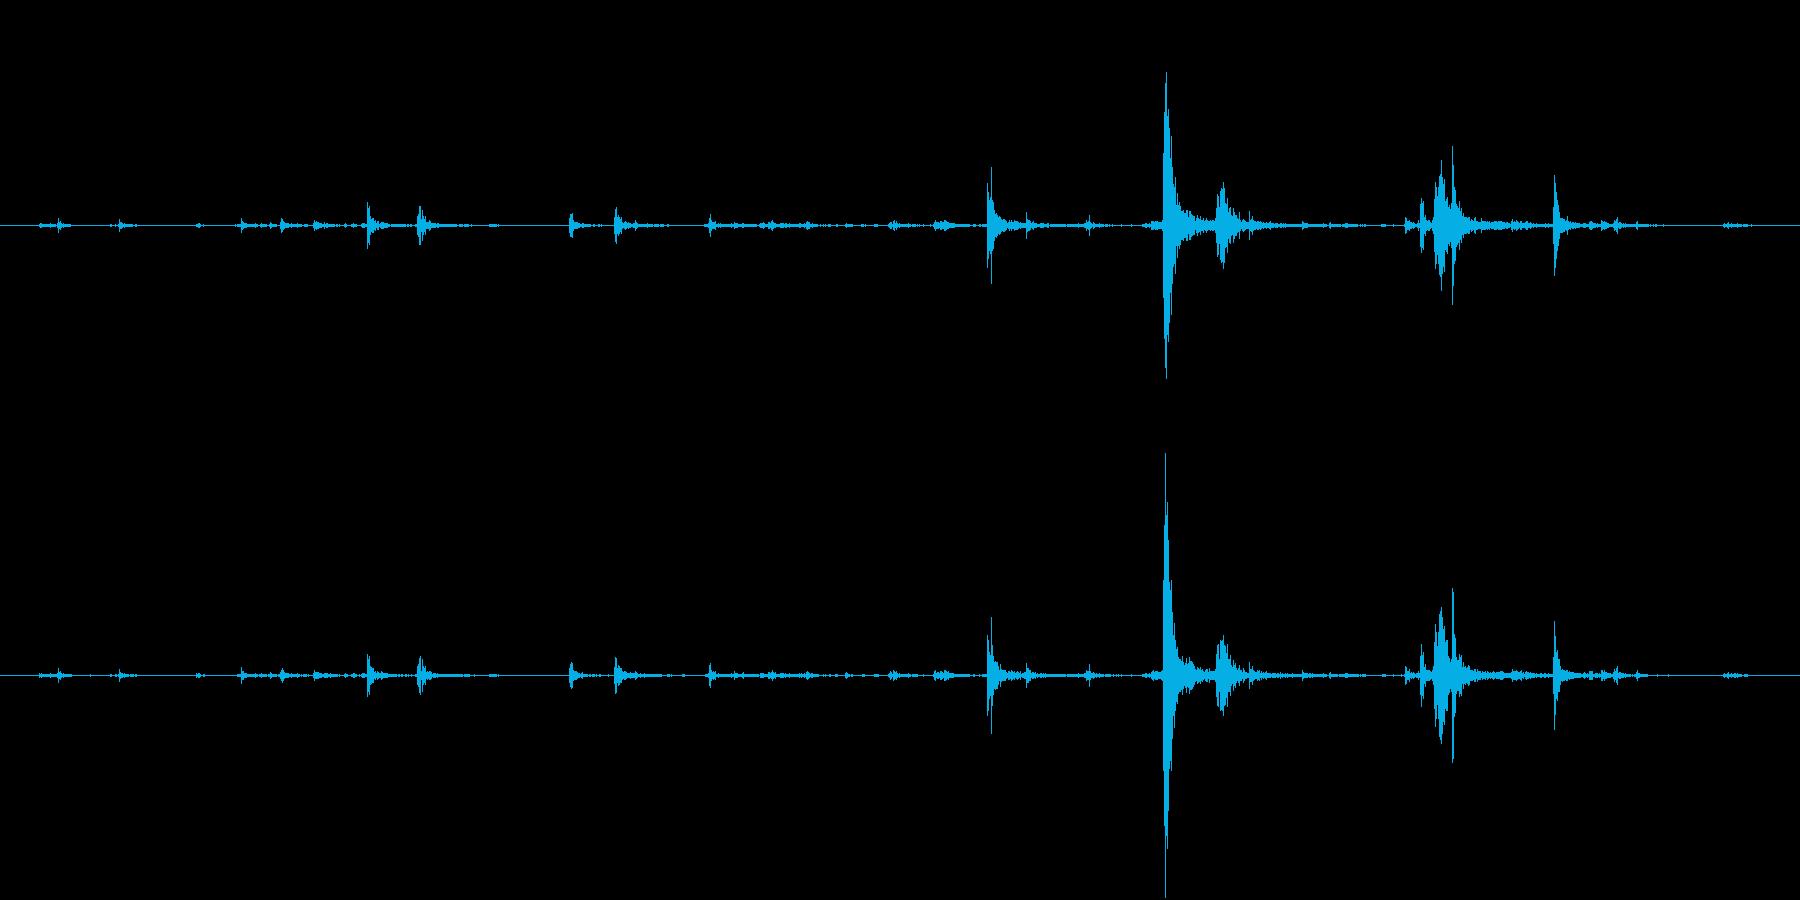 【生録音】弁当・惣菜パックの音 6の再生済みの波形